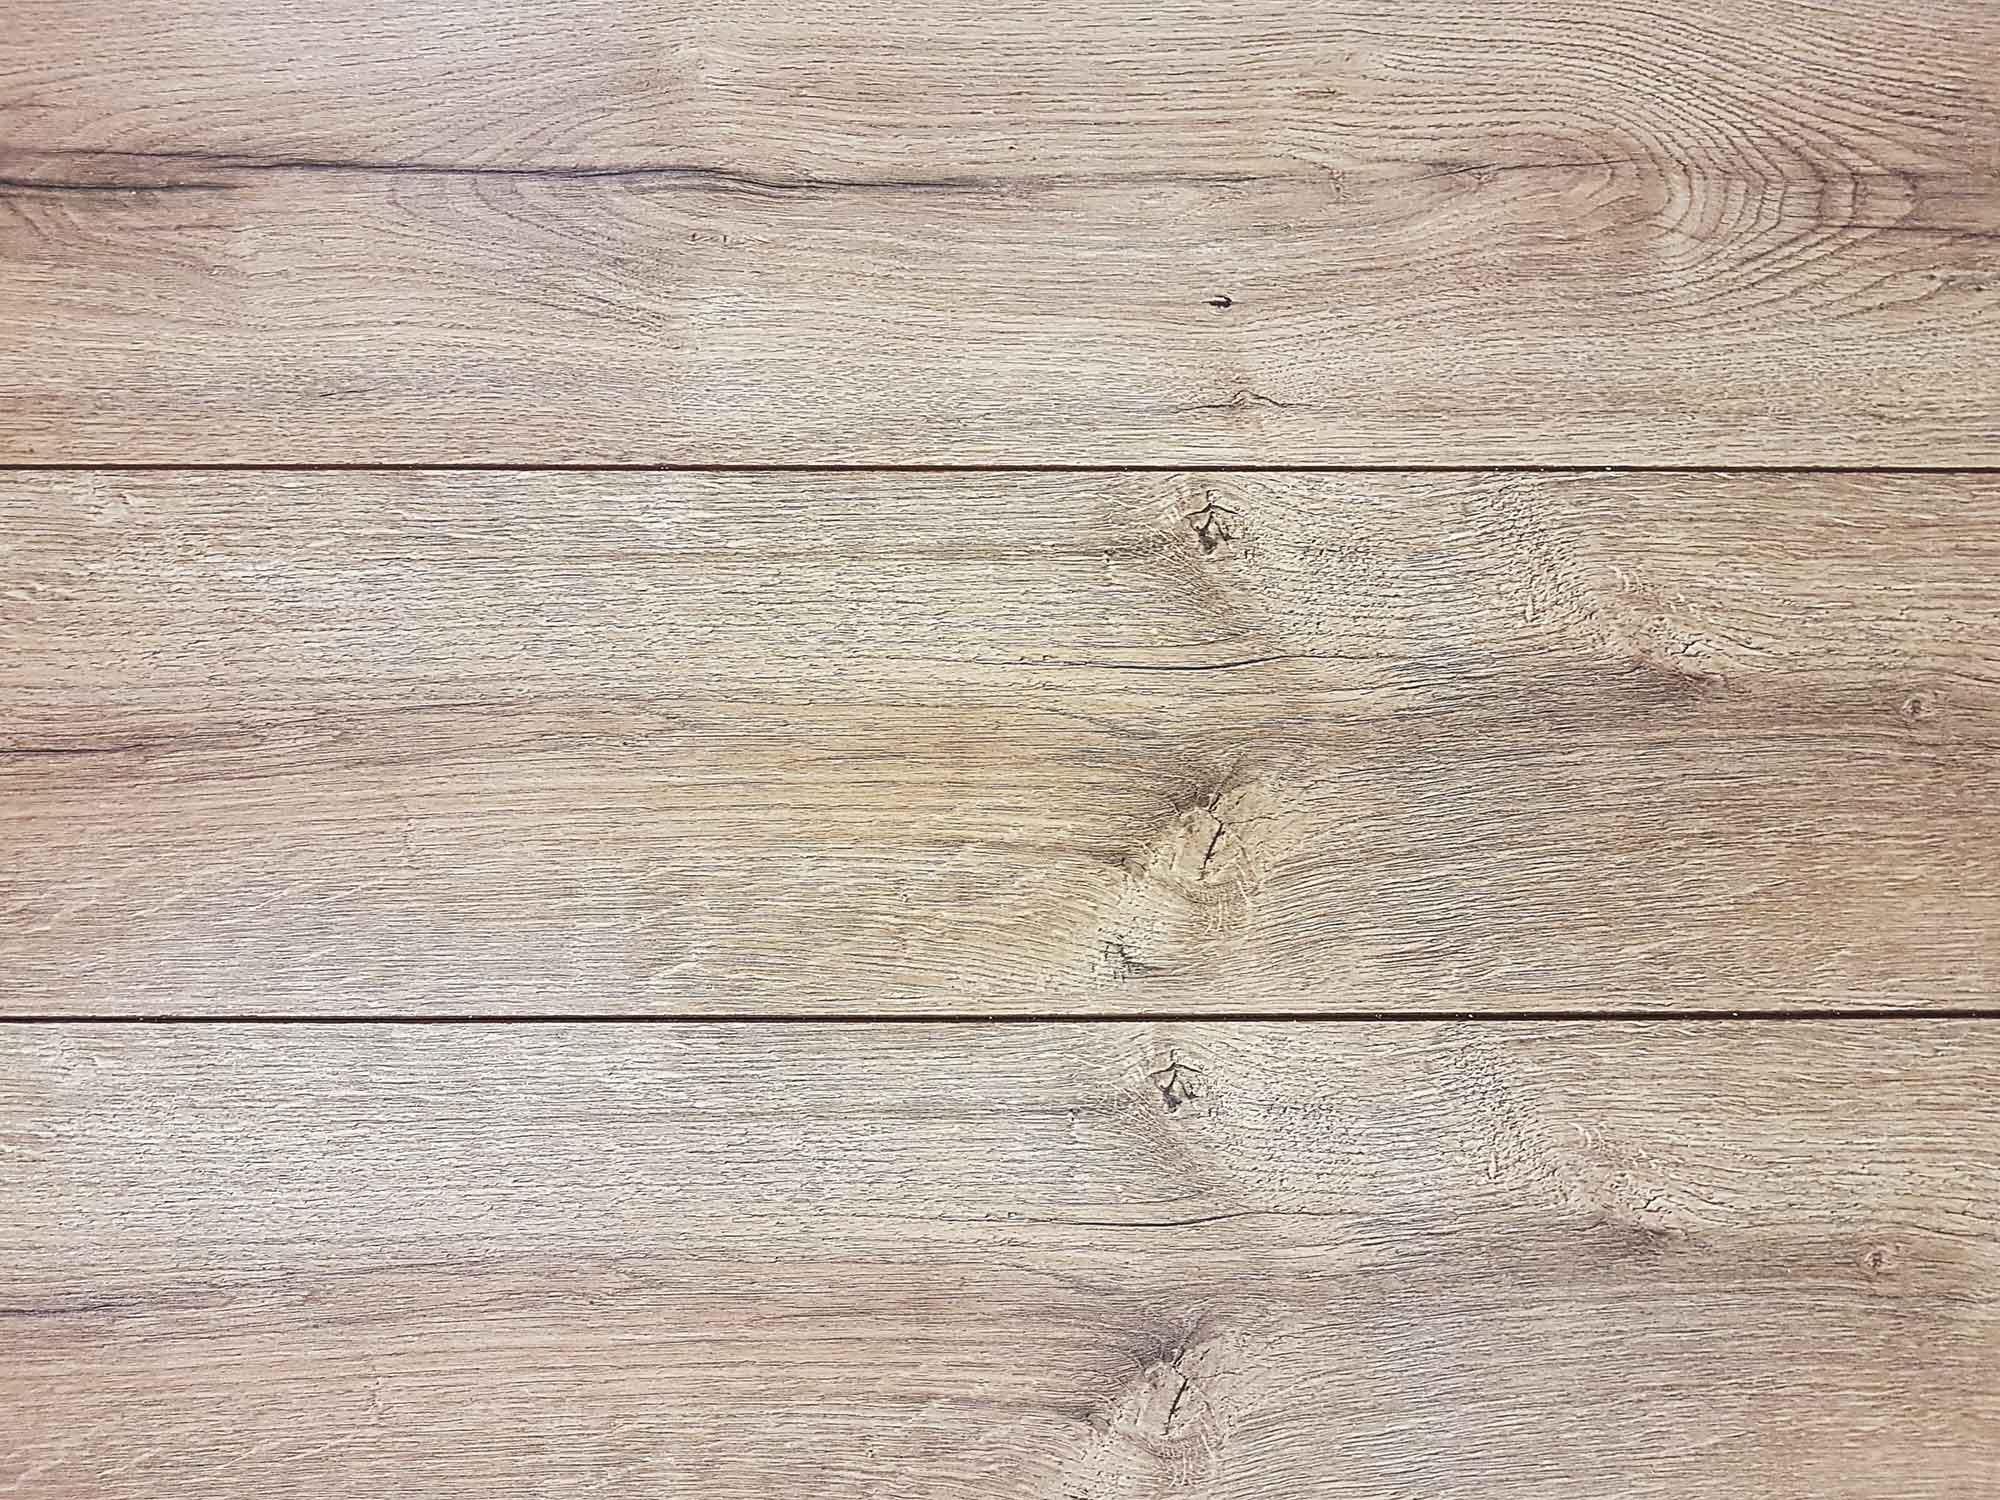 Beige Wooden Board Texture